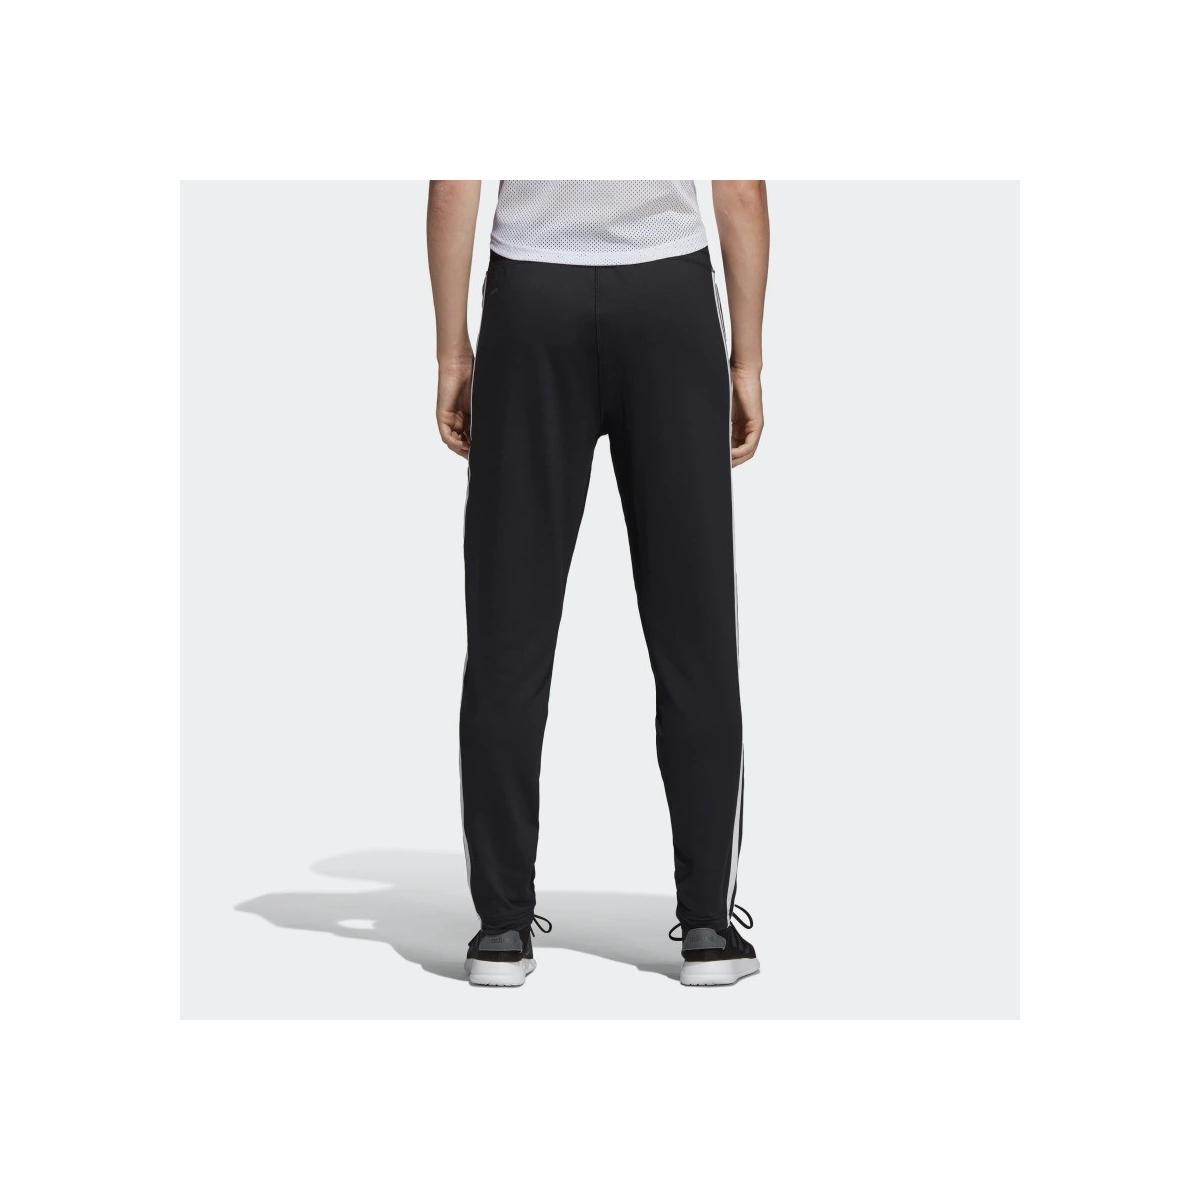 Pantaloni sportivi Adidas Design 2 Move 3-Stripes in tuta da donna rif. DS8732